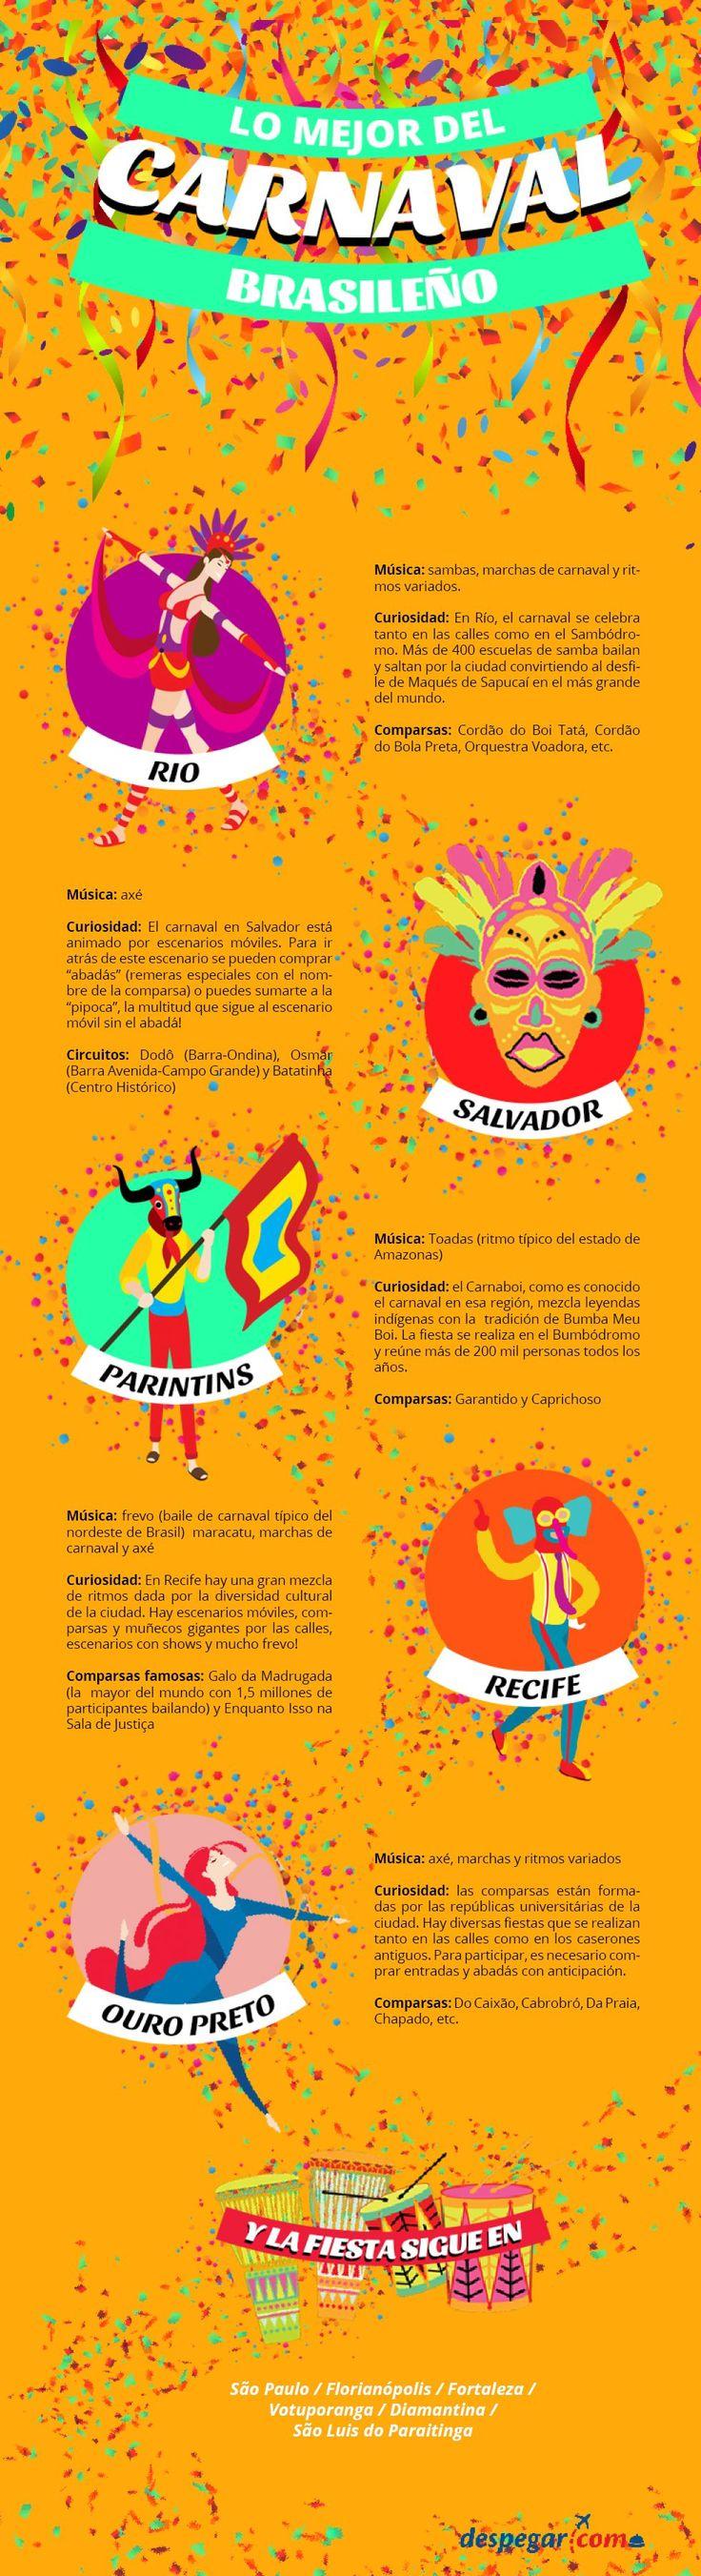 ¡Disfruta de lo mejor del #carnaval de #Brasil! #Fiesta #Color #Brillo